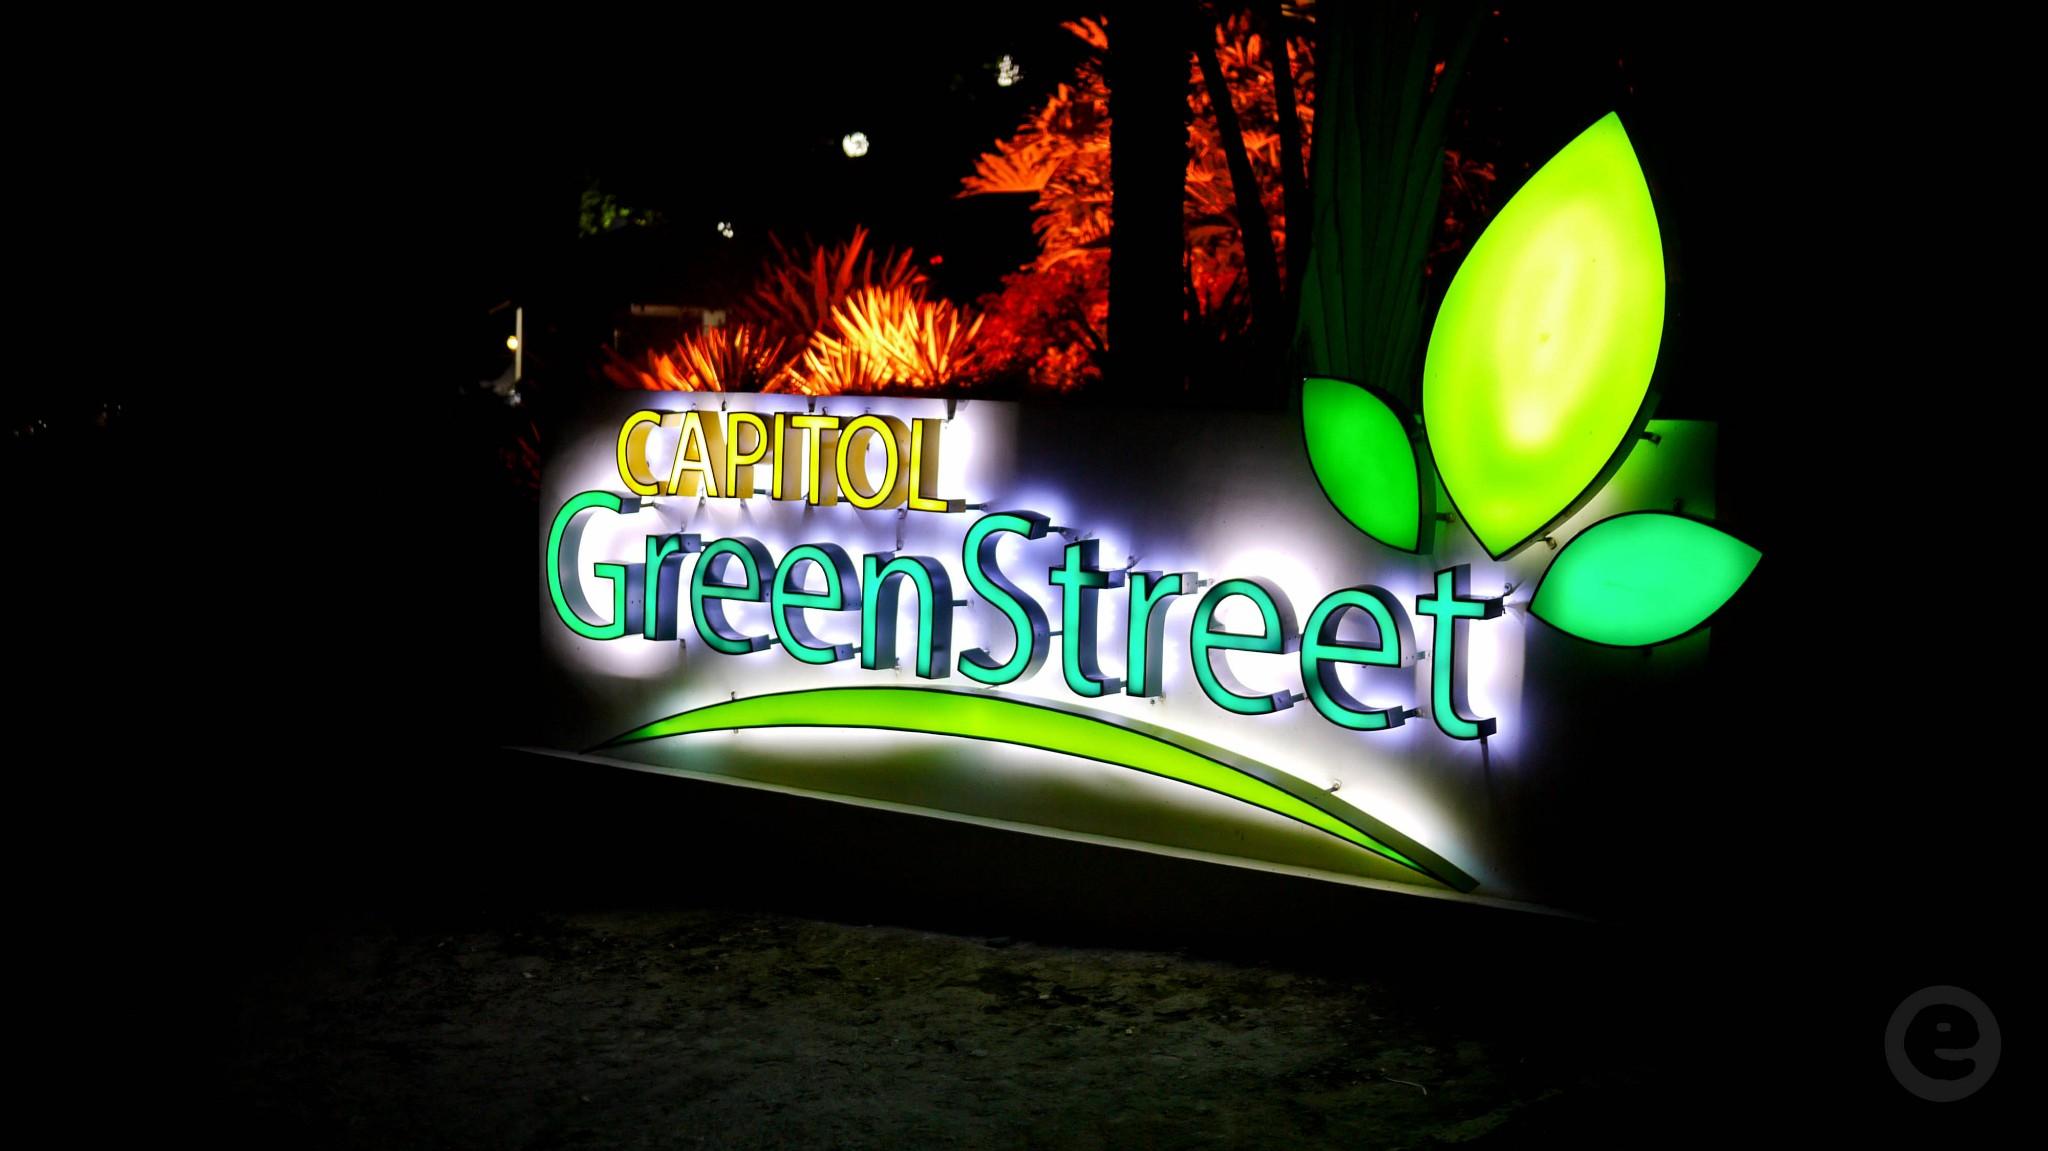 Capitol Greenstreet